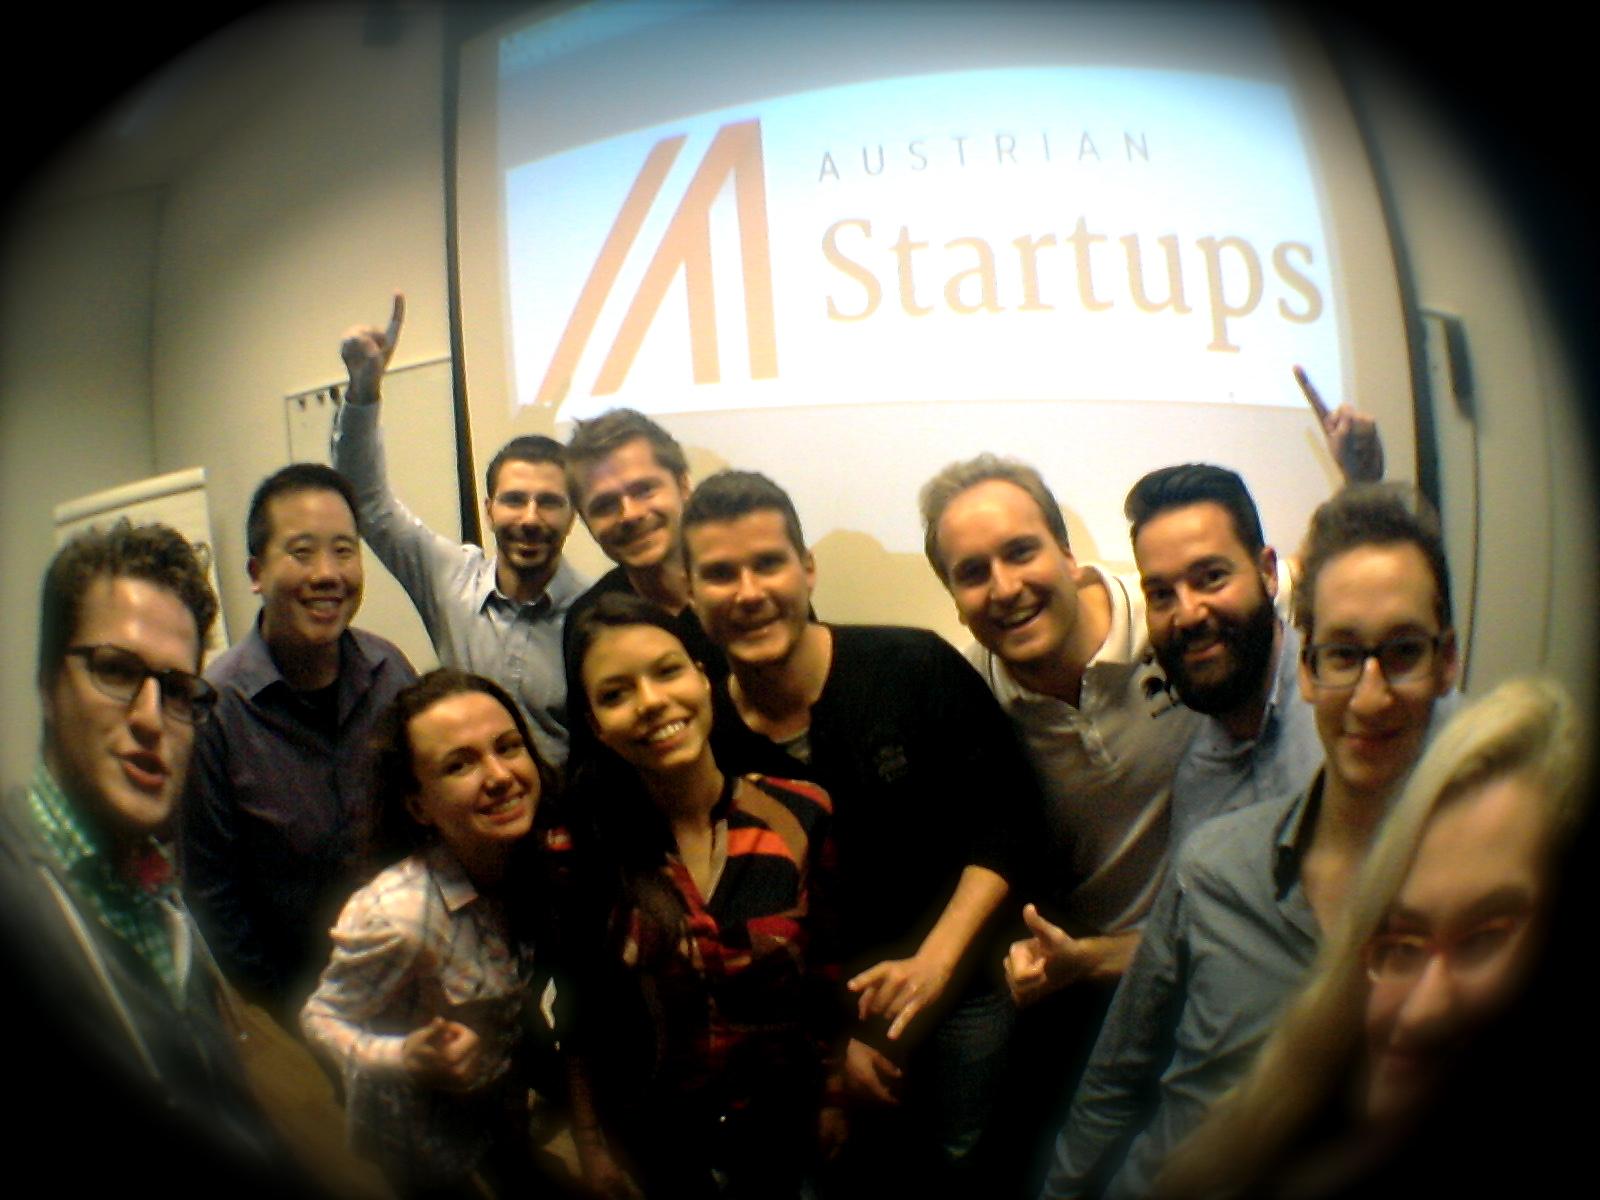 A story about AustrianStartups rebranding